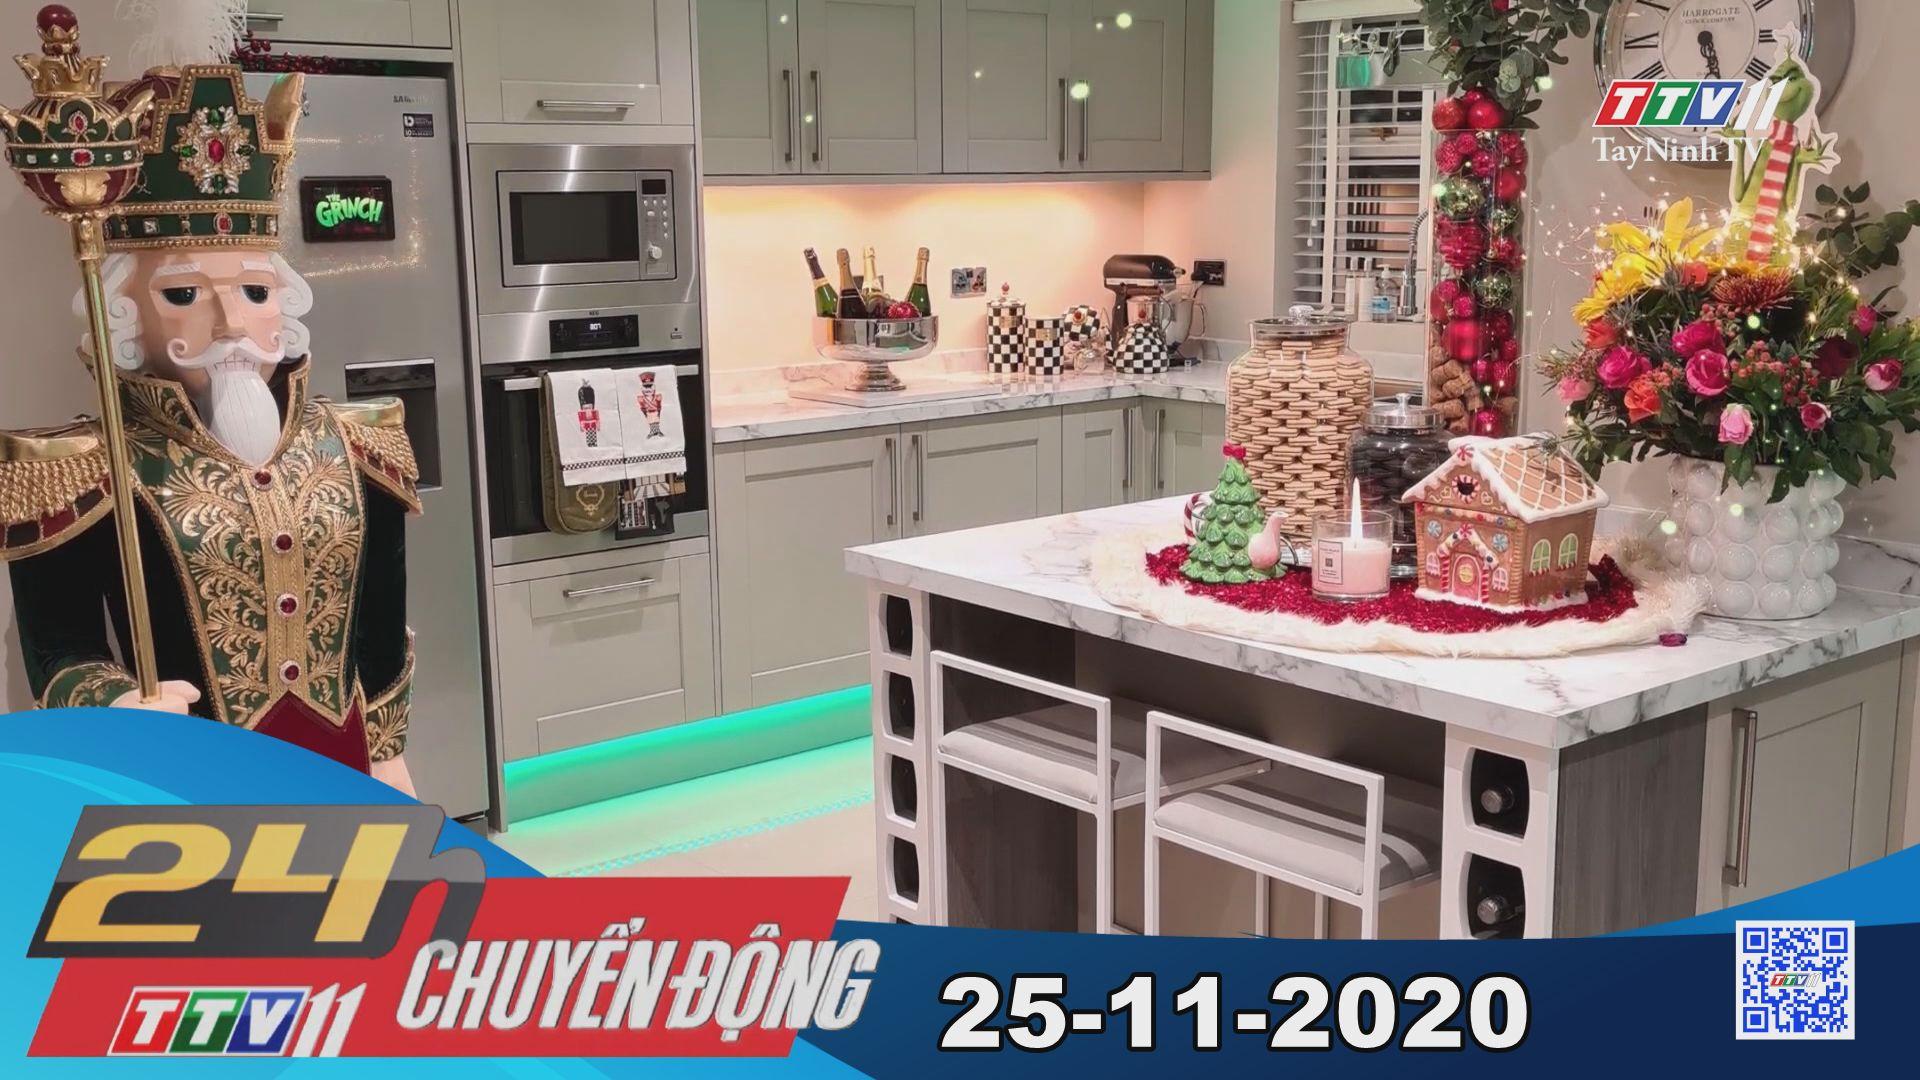 24h Chuyển động 25-11-2020 | Tin tức hôm nay | TayNinhTV